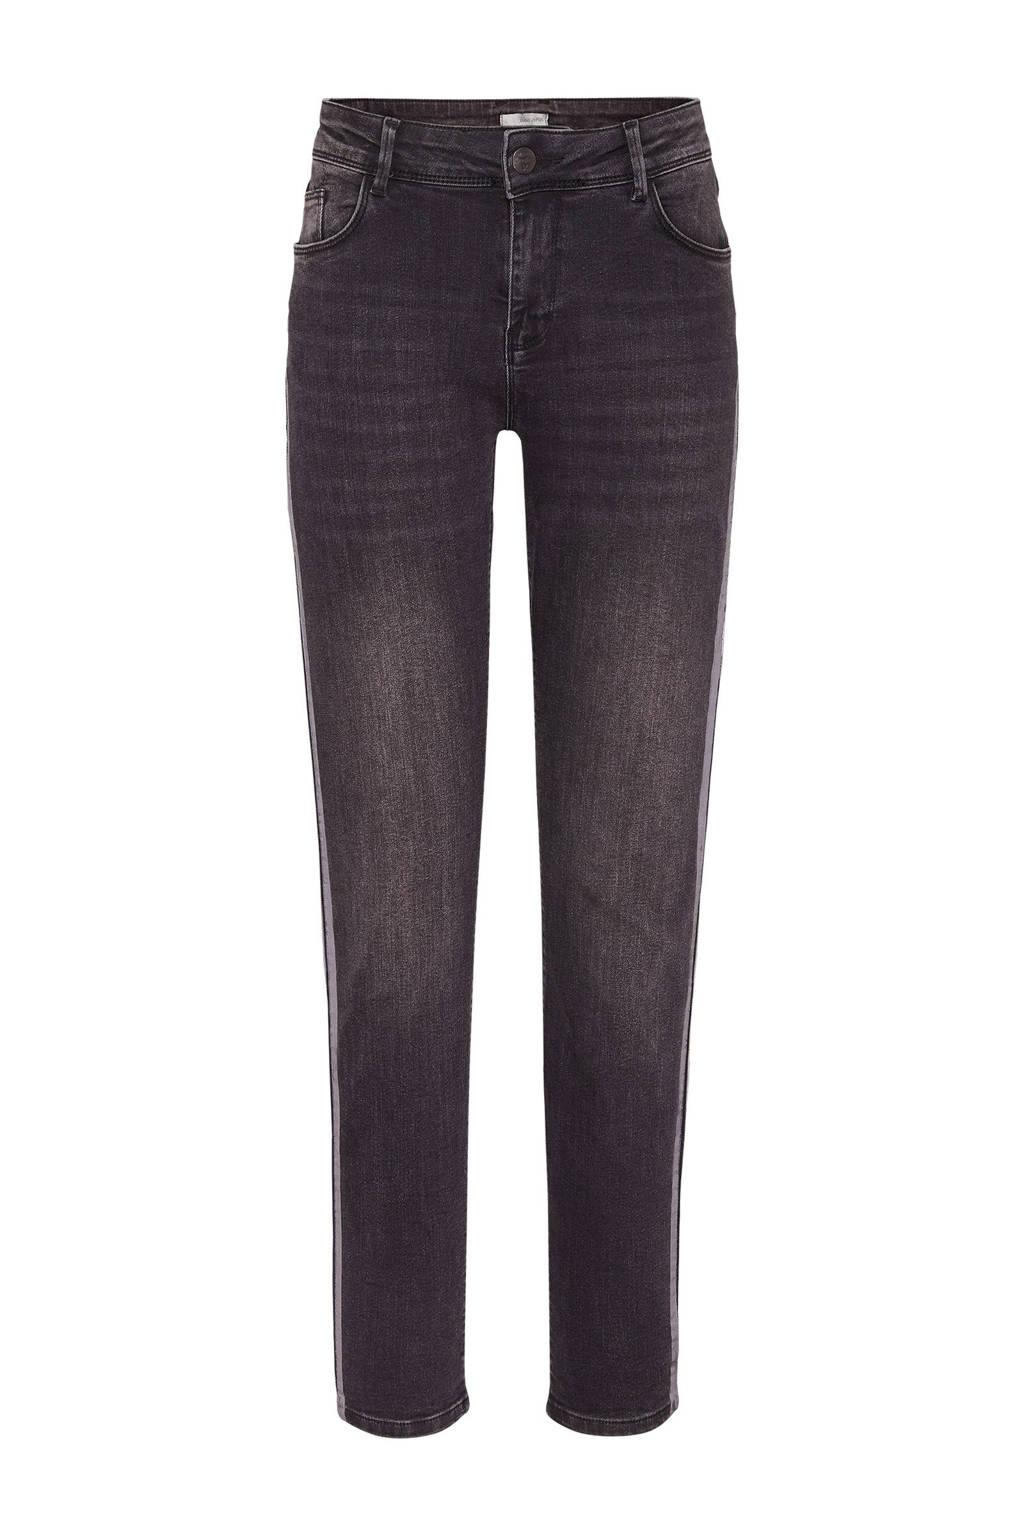 Didi skinny jeans met zijstreep zwart/zilver, Zwart